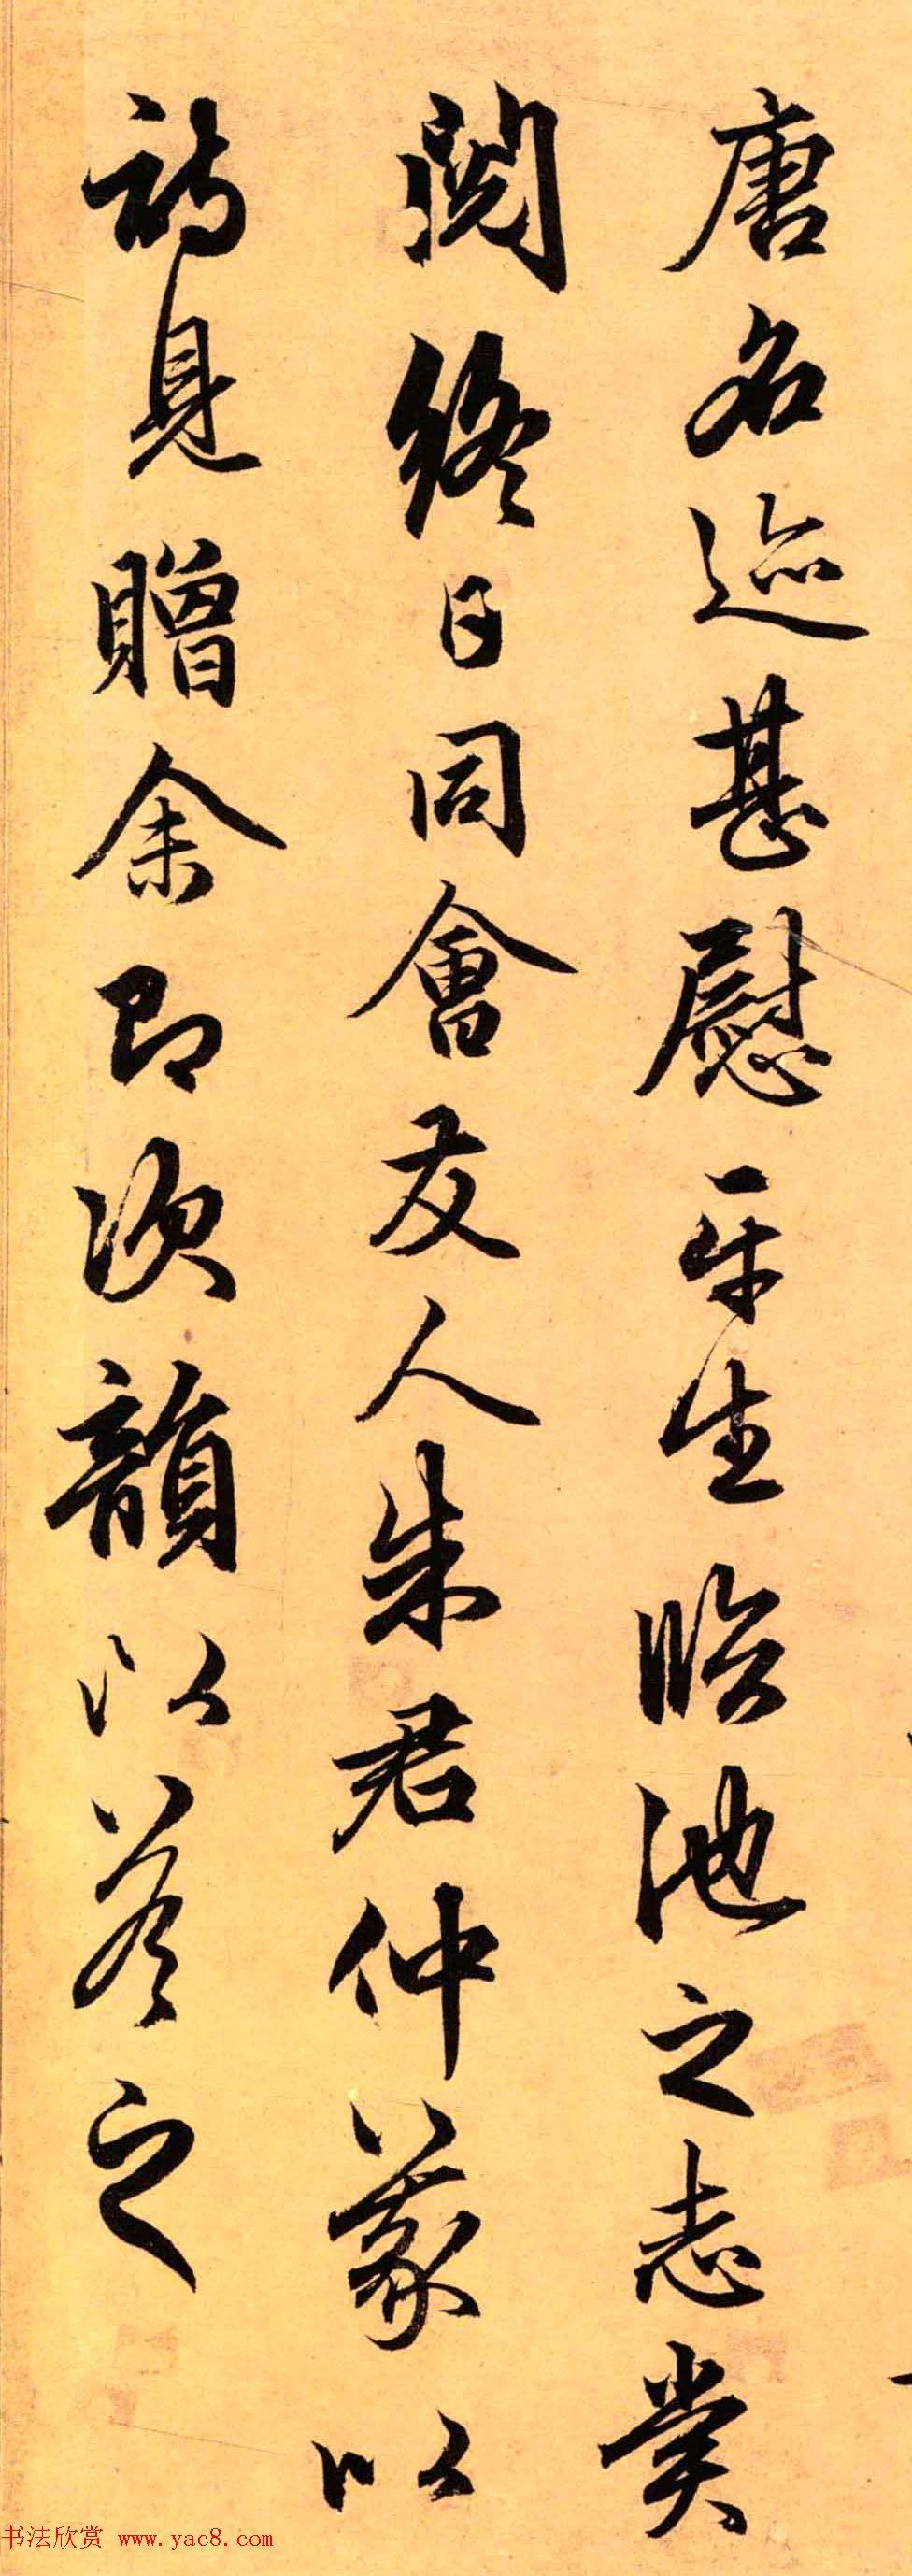 元代俞和书法欣赏《金粟寺诗》